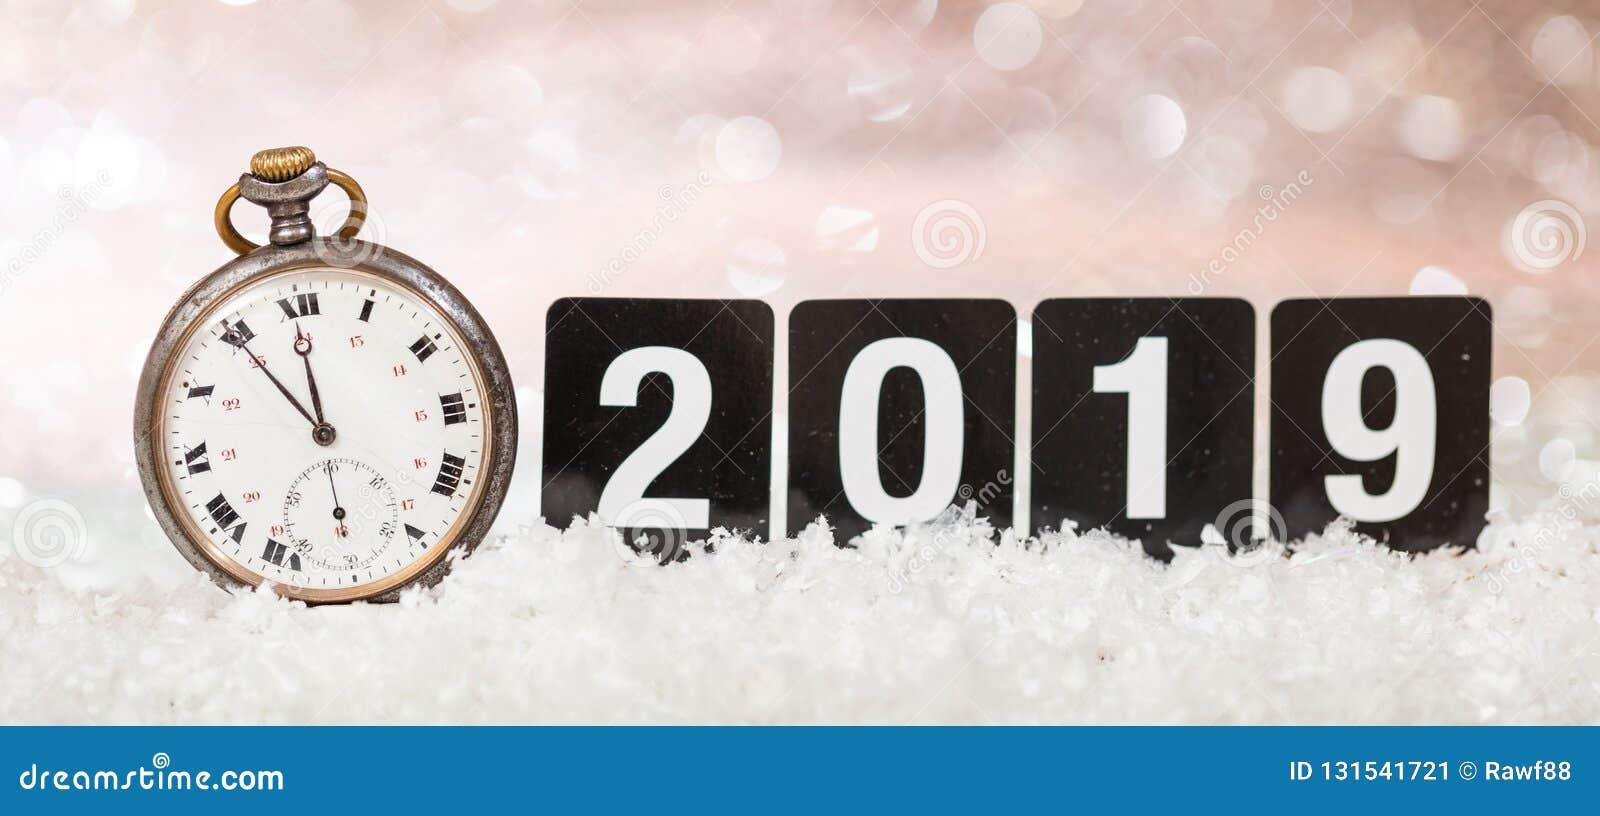 Εορτασμός παραμονής 2019 νέος ετών Πρακτικά στα μεσάνυχτα σε ένα παλαιό ρολόι, bokeh εορταστικό υπόβαθρο